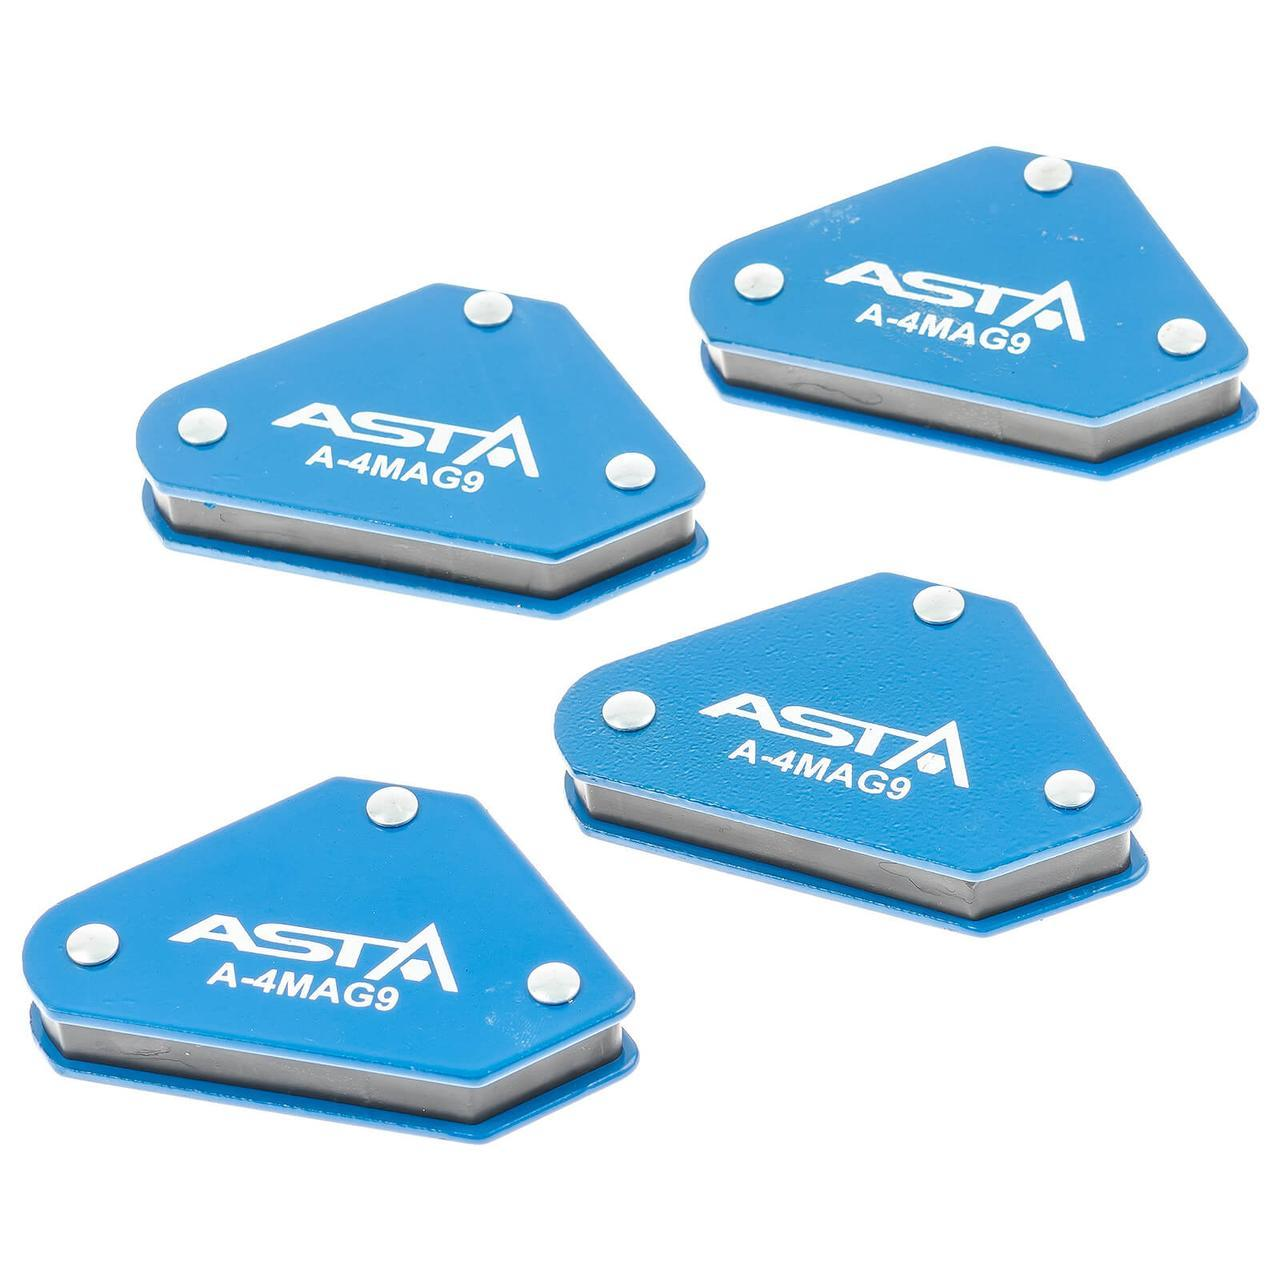 Магнитные струбцины для сварки набор 4 шт., 9 кг ASTA A-4MAG9